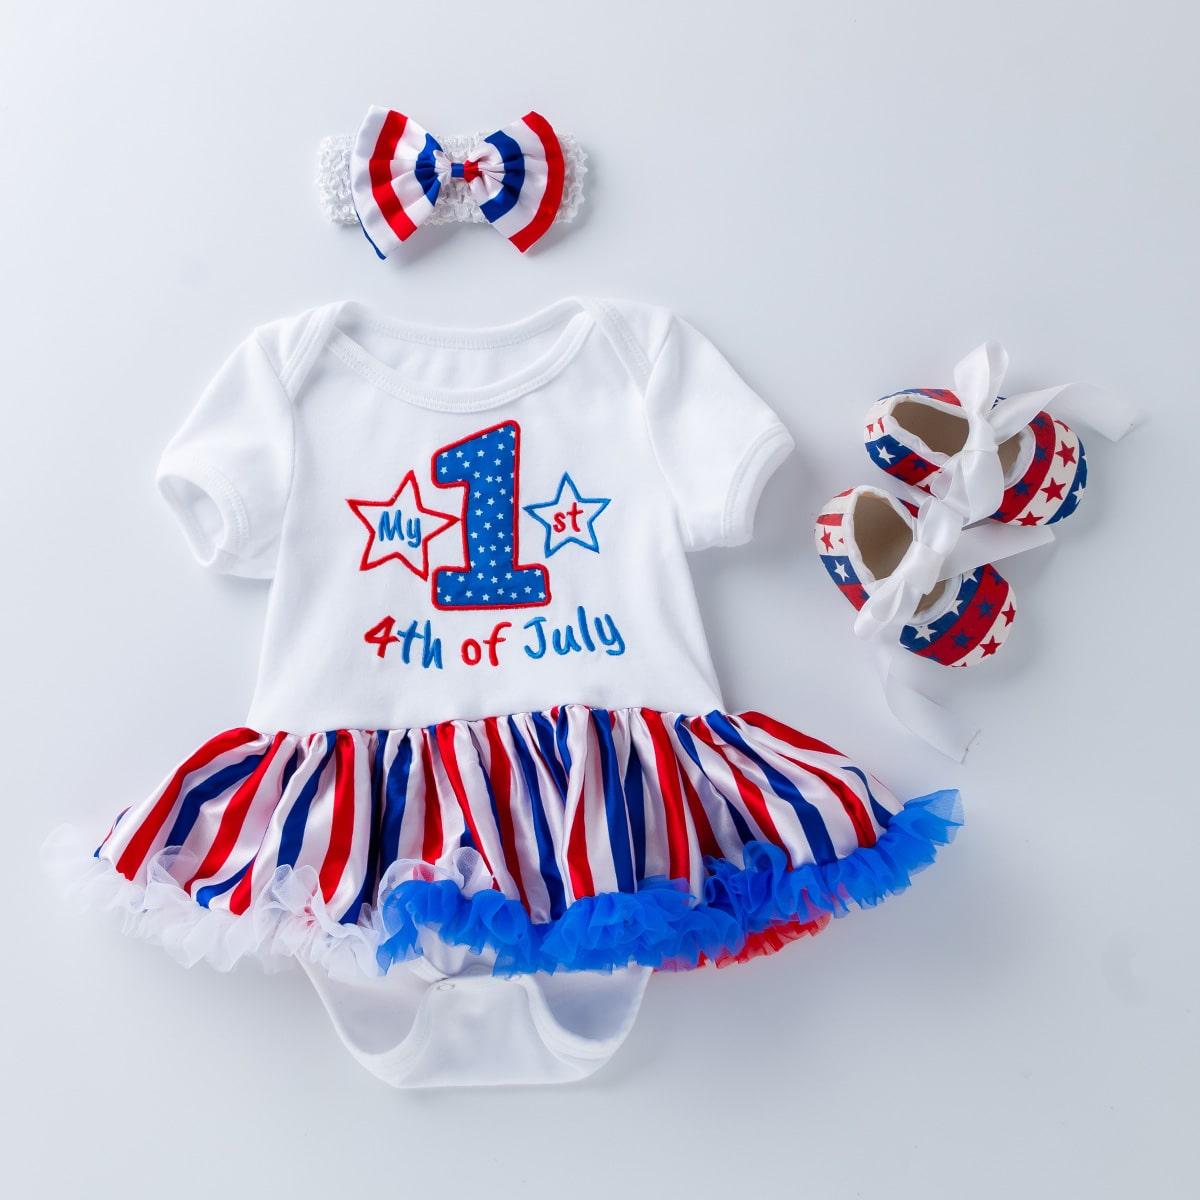 Платье с принтом 4 июля, повязка на голову и обувь для девочек от SHEIN